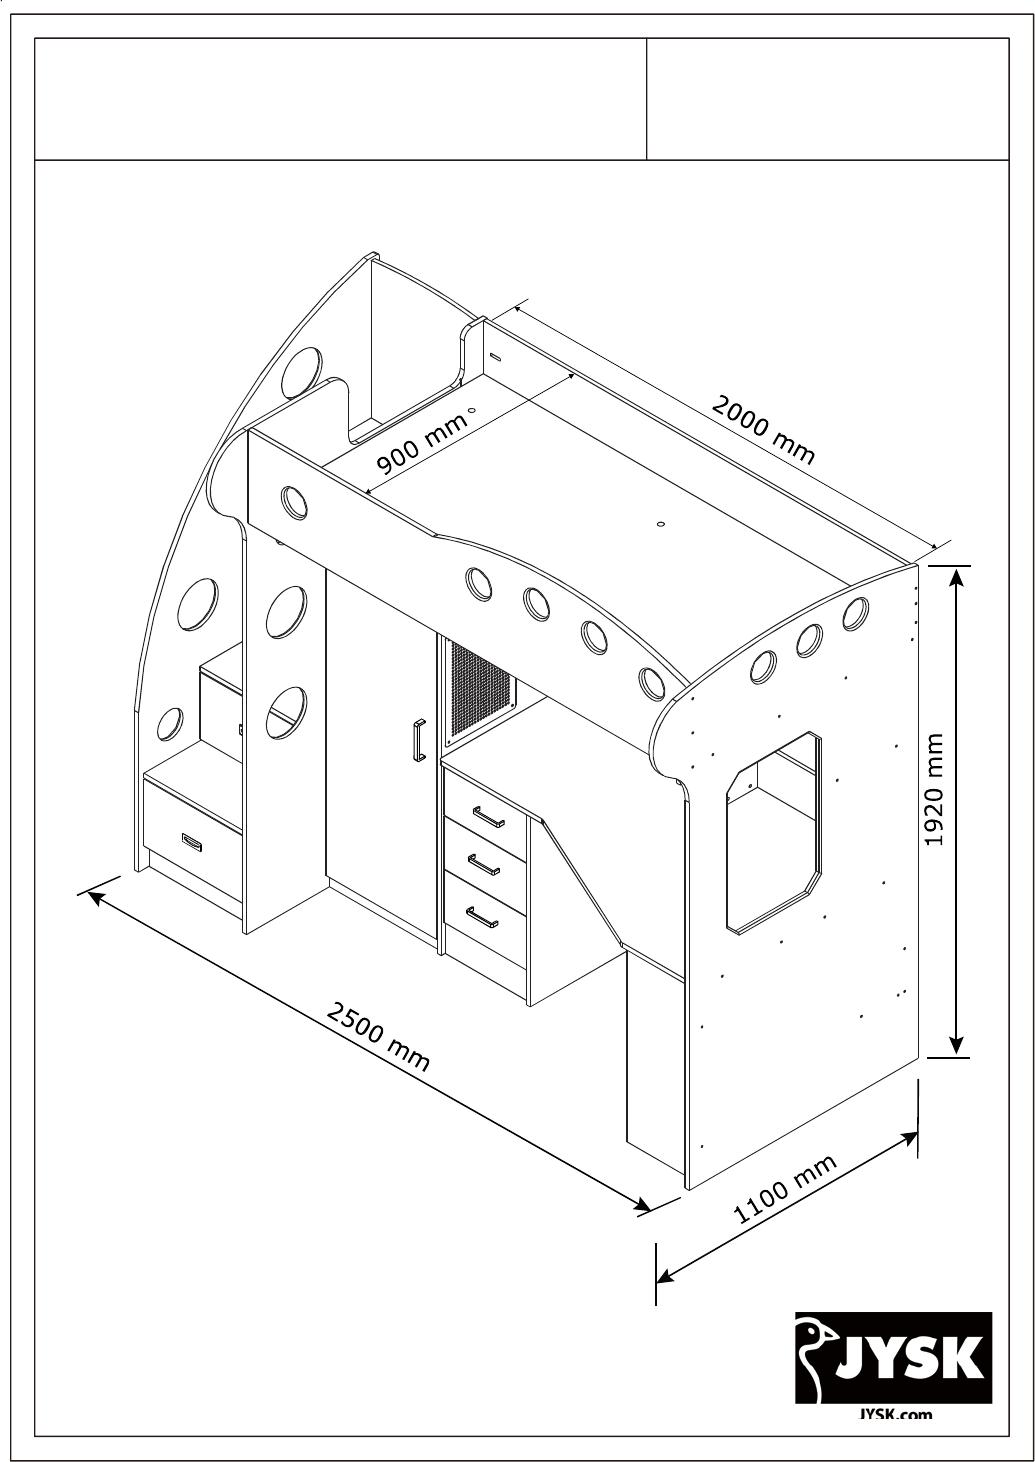 Instrukcja Obsługi Jysk Uldum 48 Stron